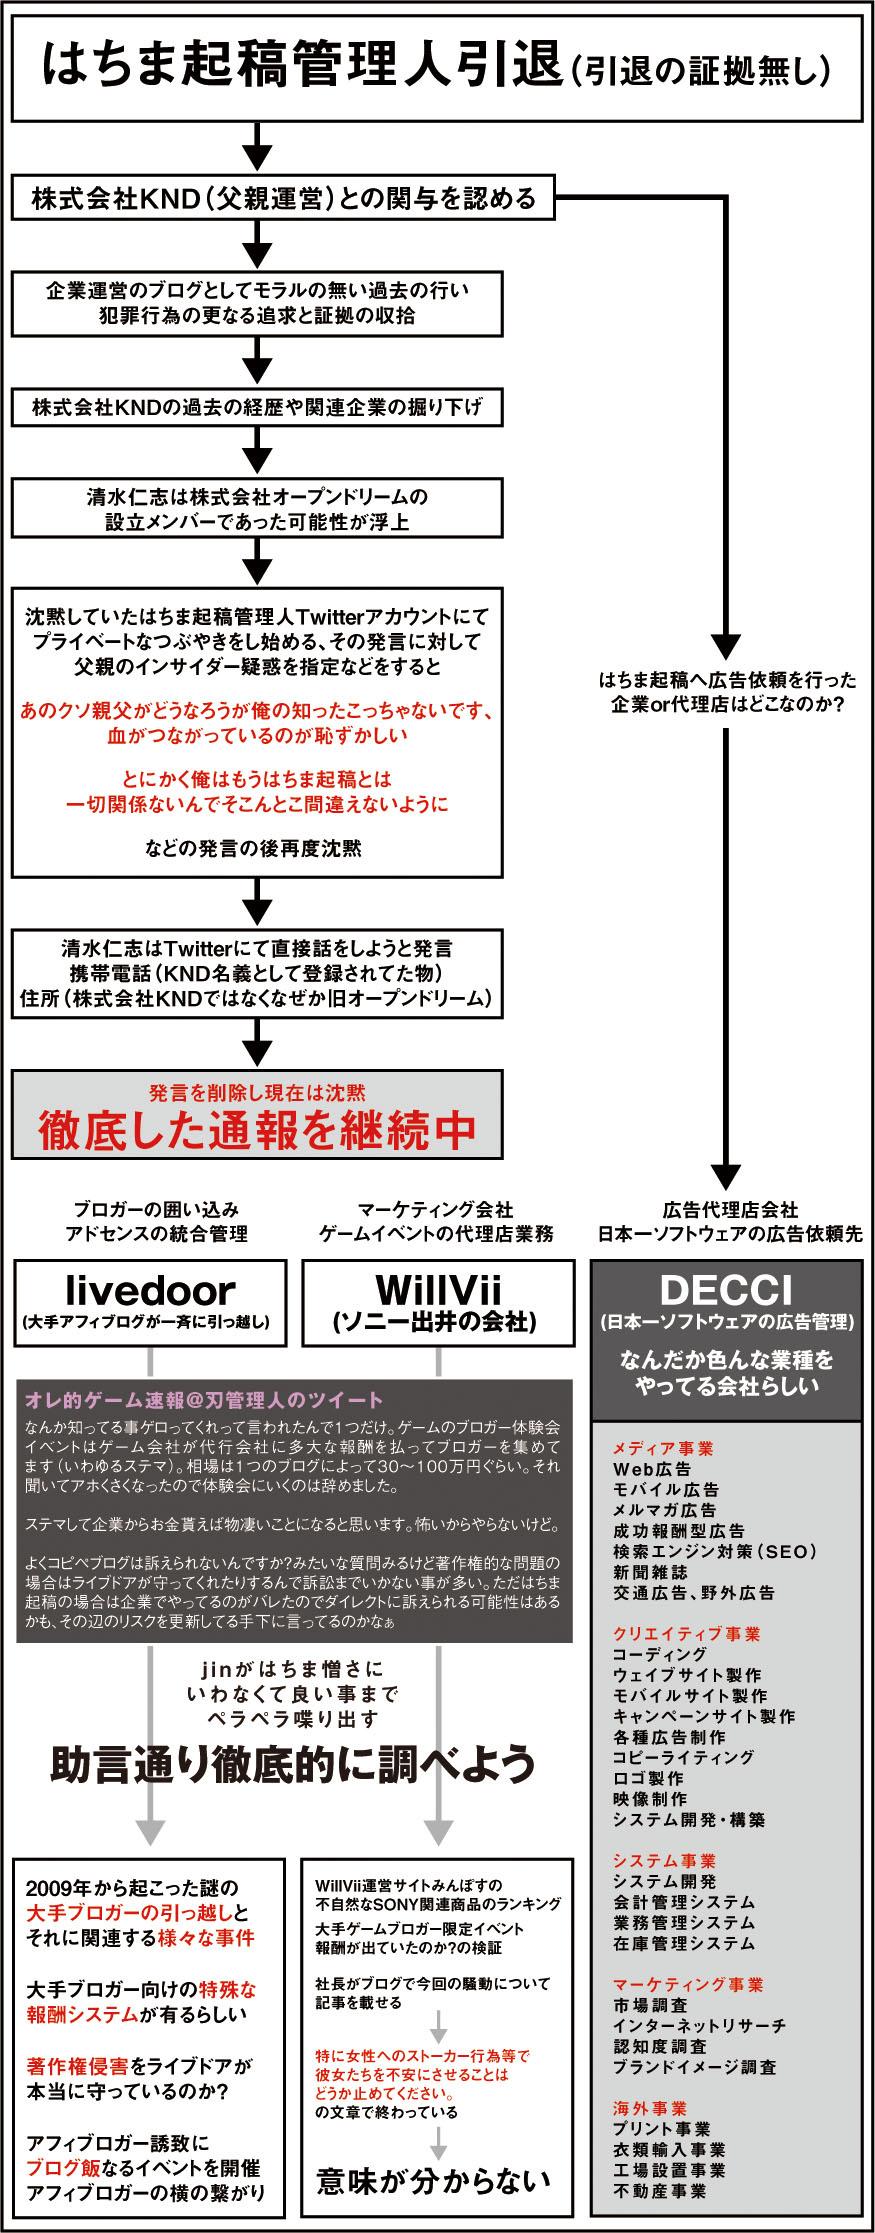 DECCI2.jpg